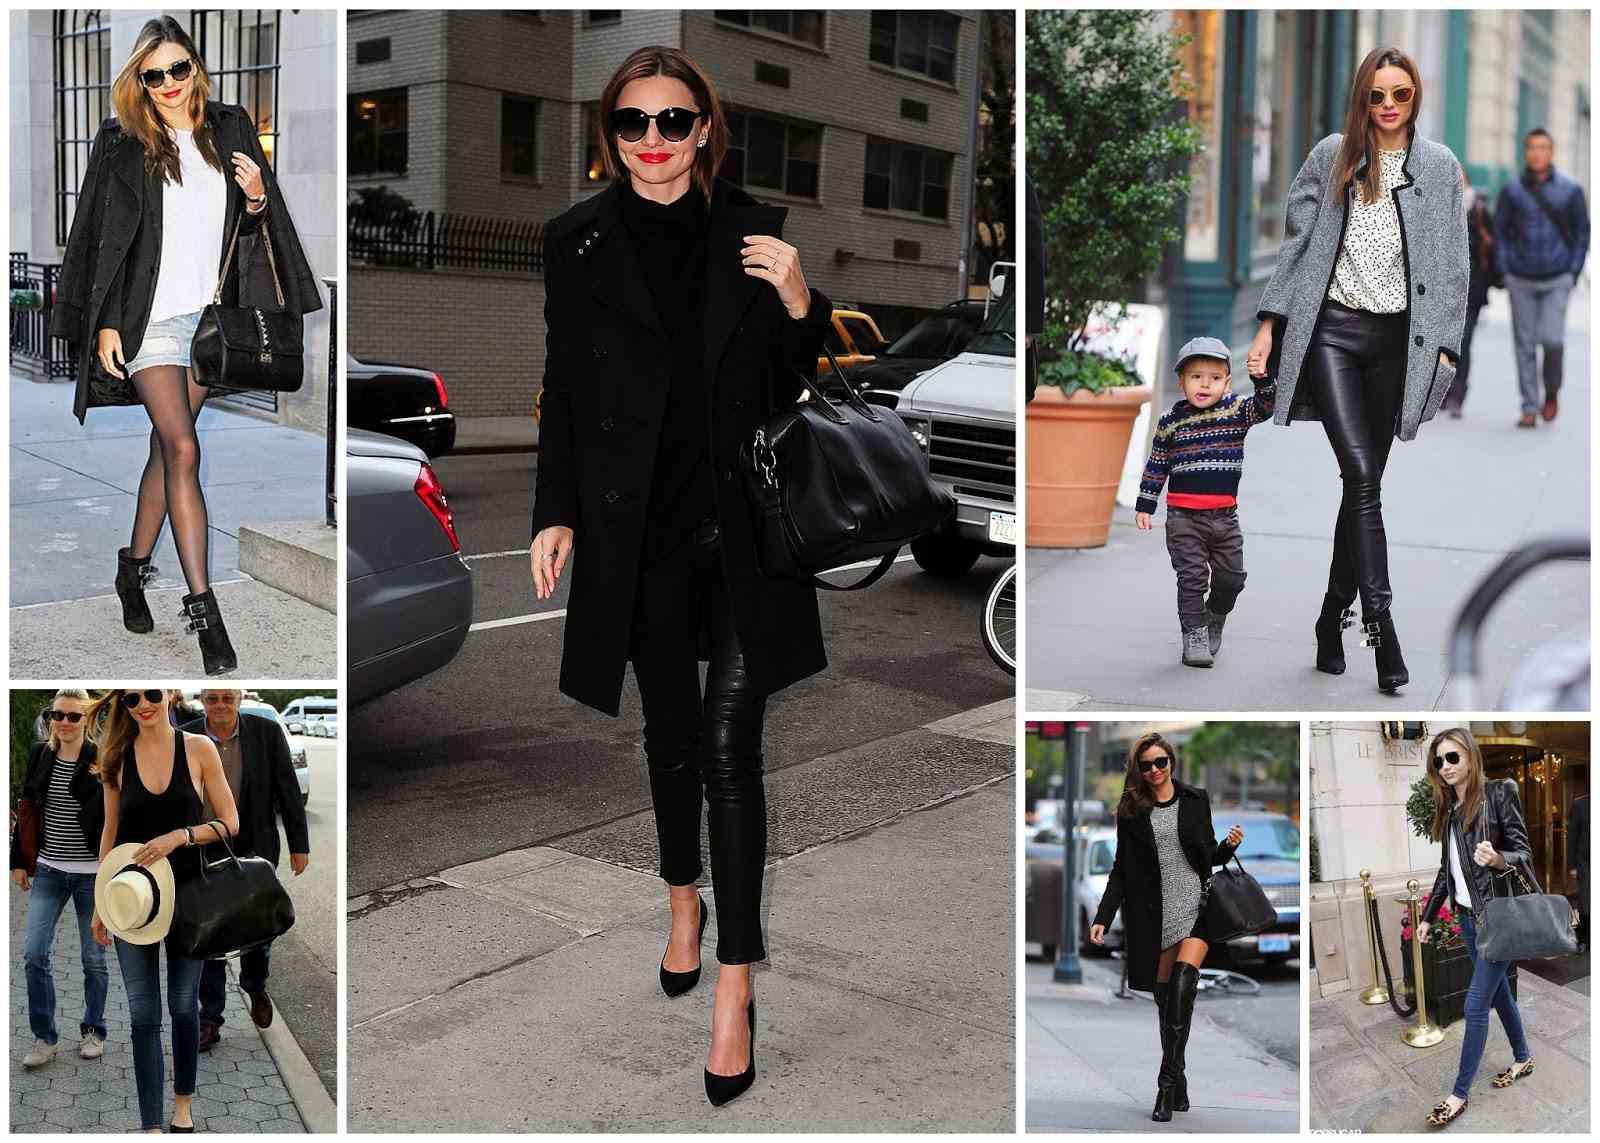 Miranda Kerr - black outfit